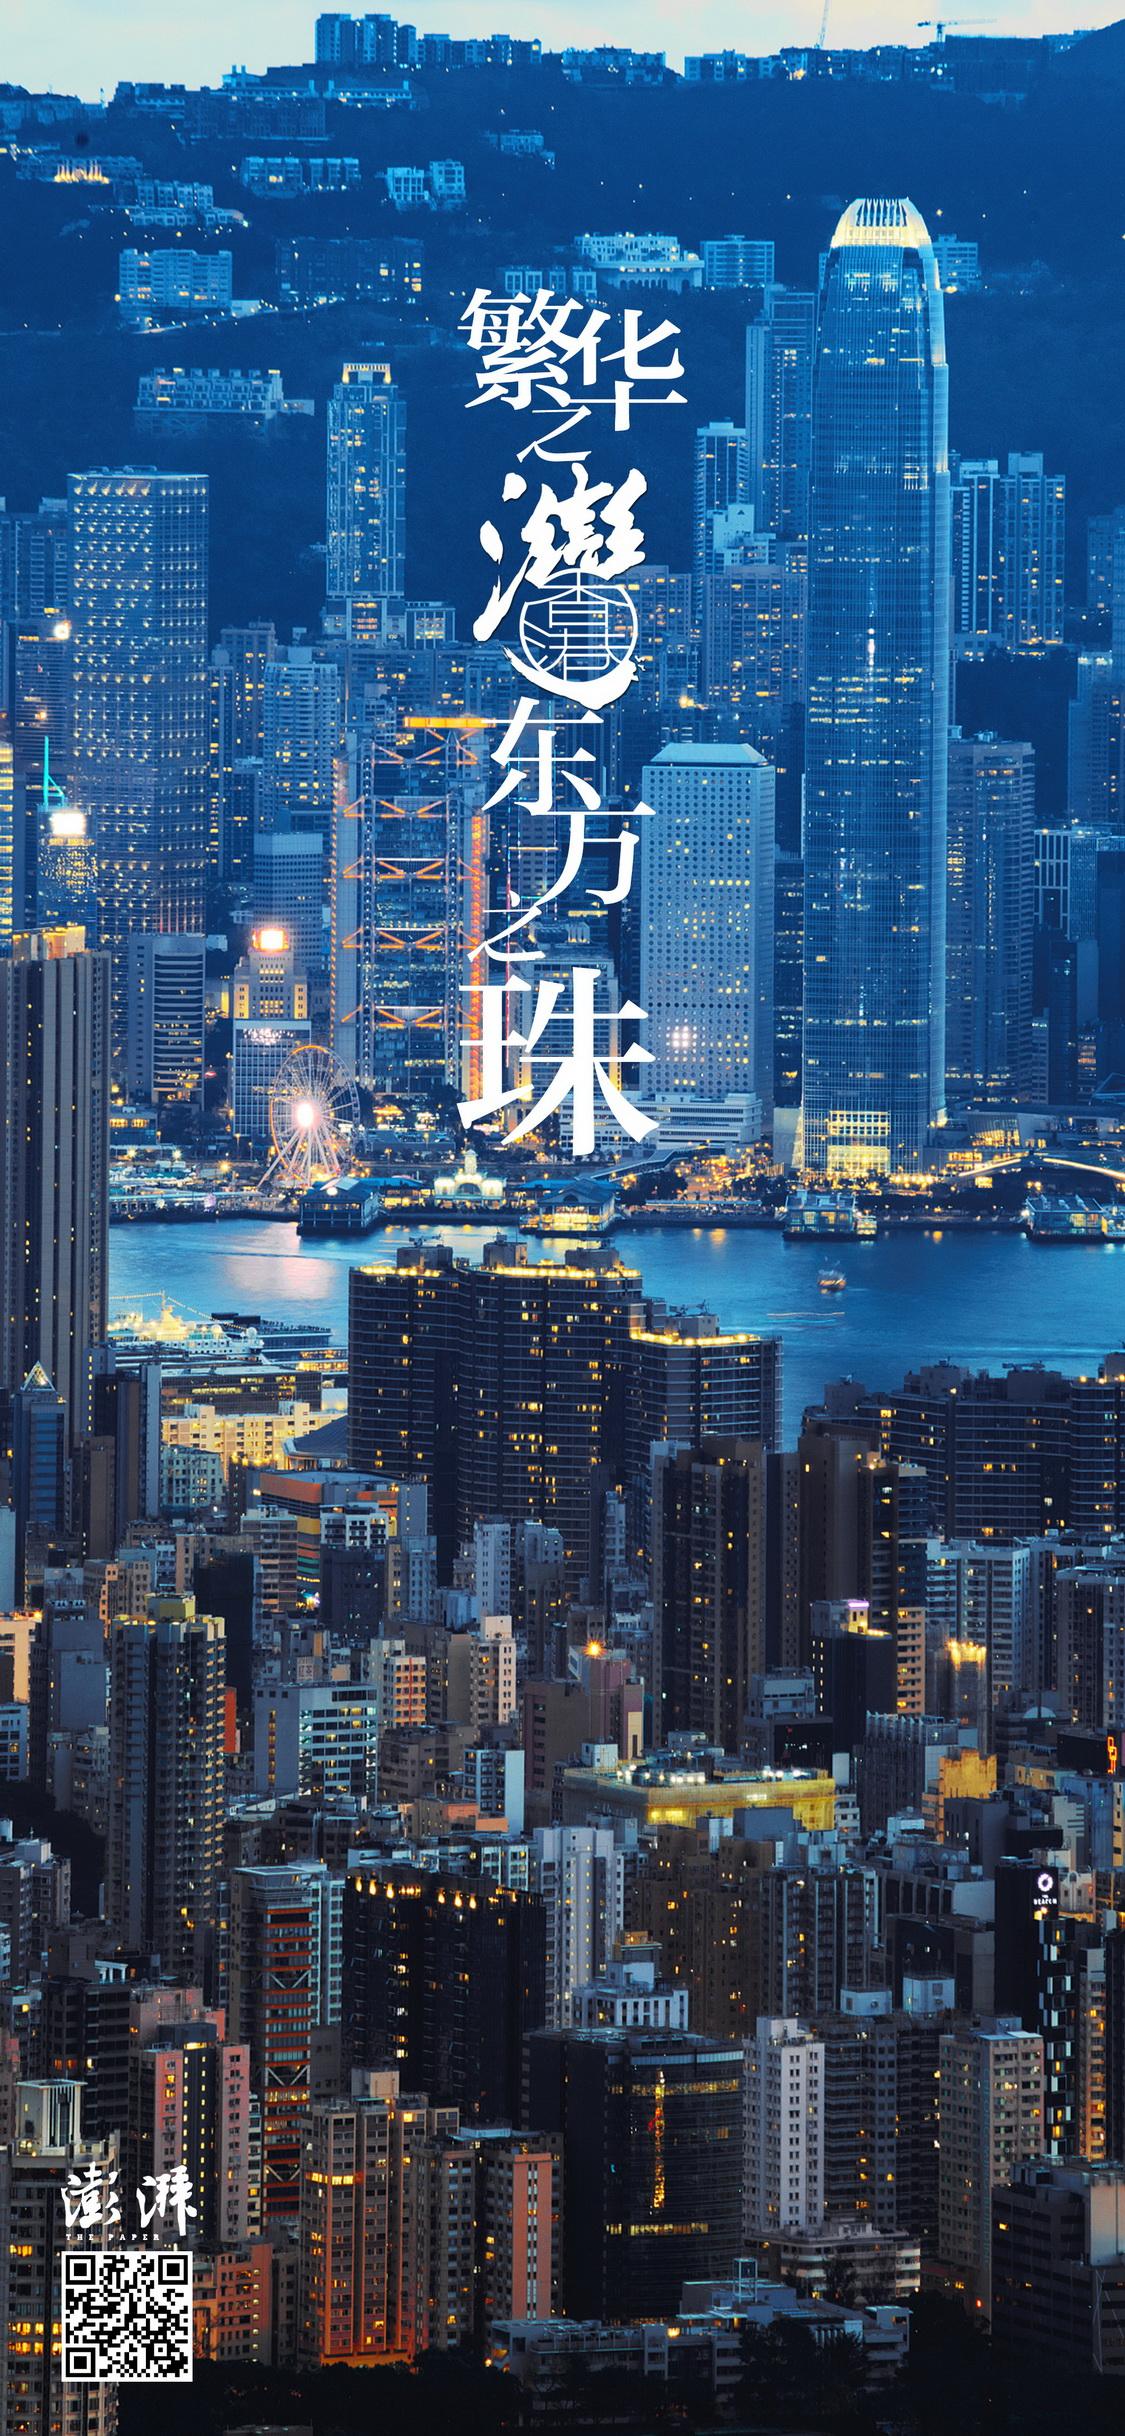 香港:繁华之湾,东方之珠